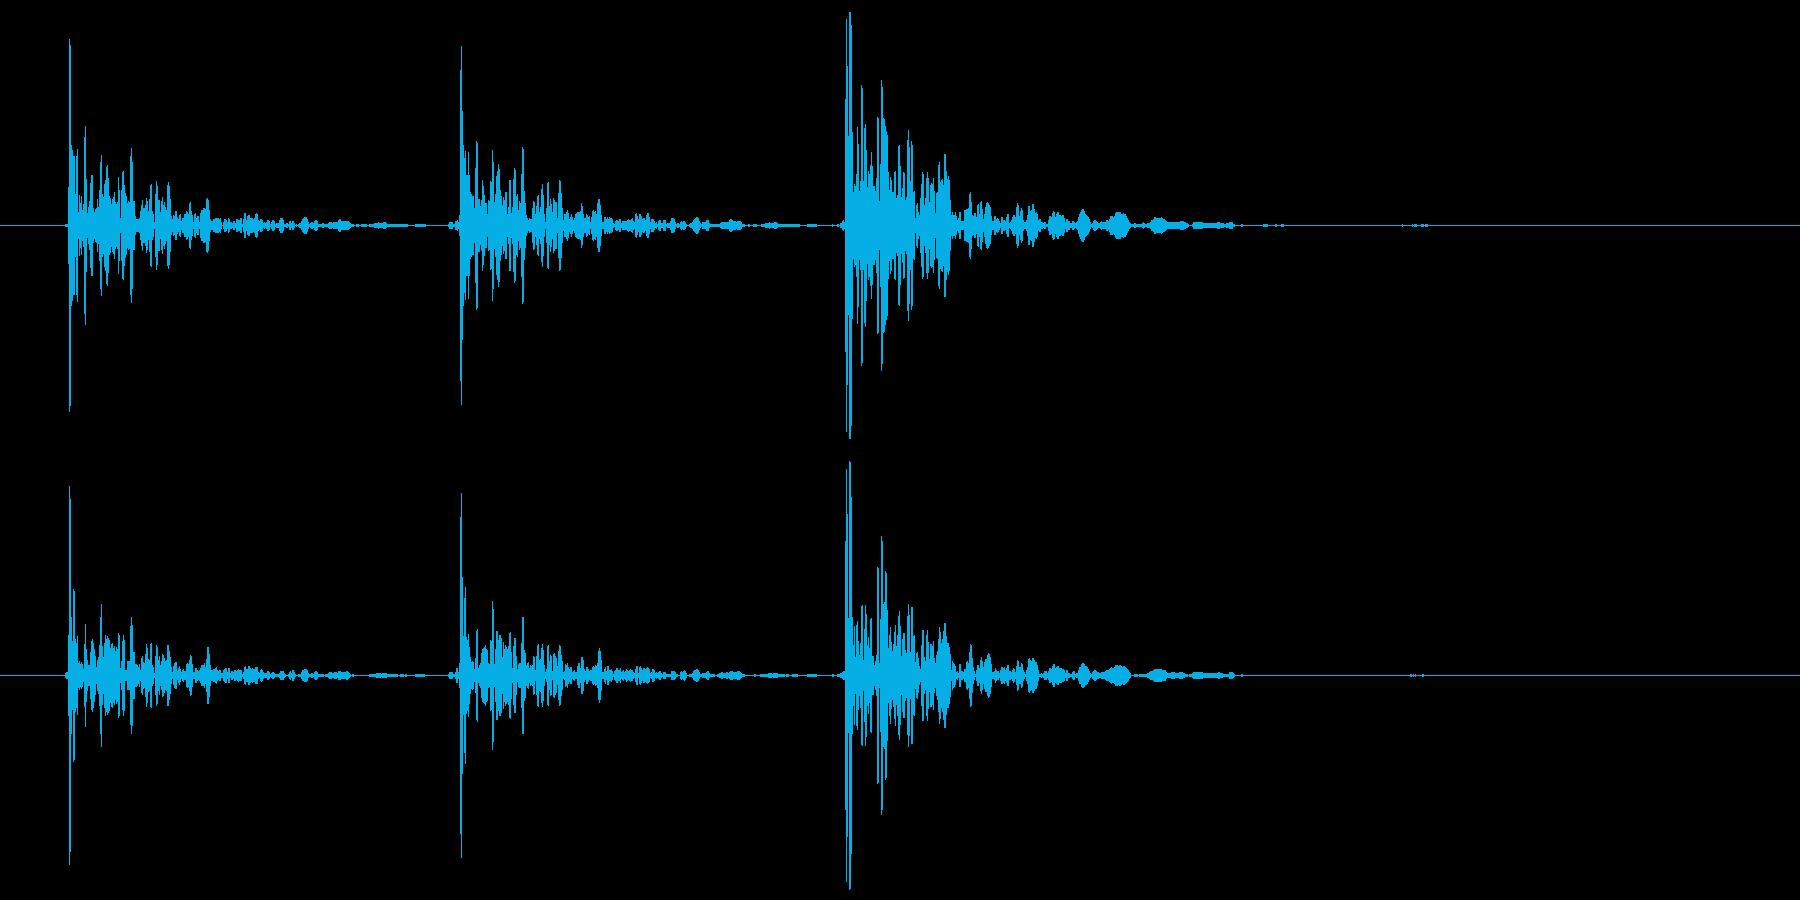 恐怖シリーズ7.ノック音(木製3回)の再生済みの波形